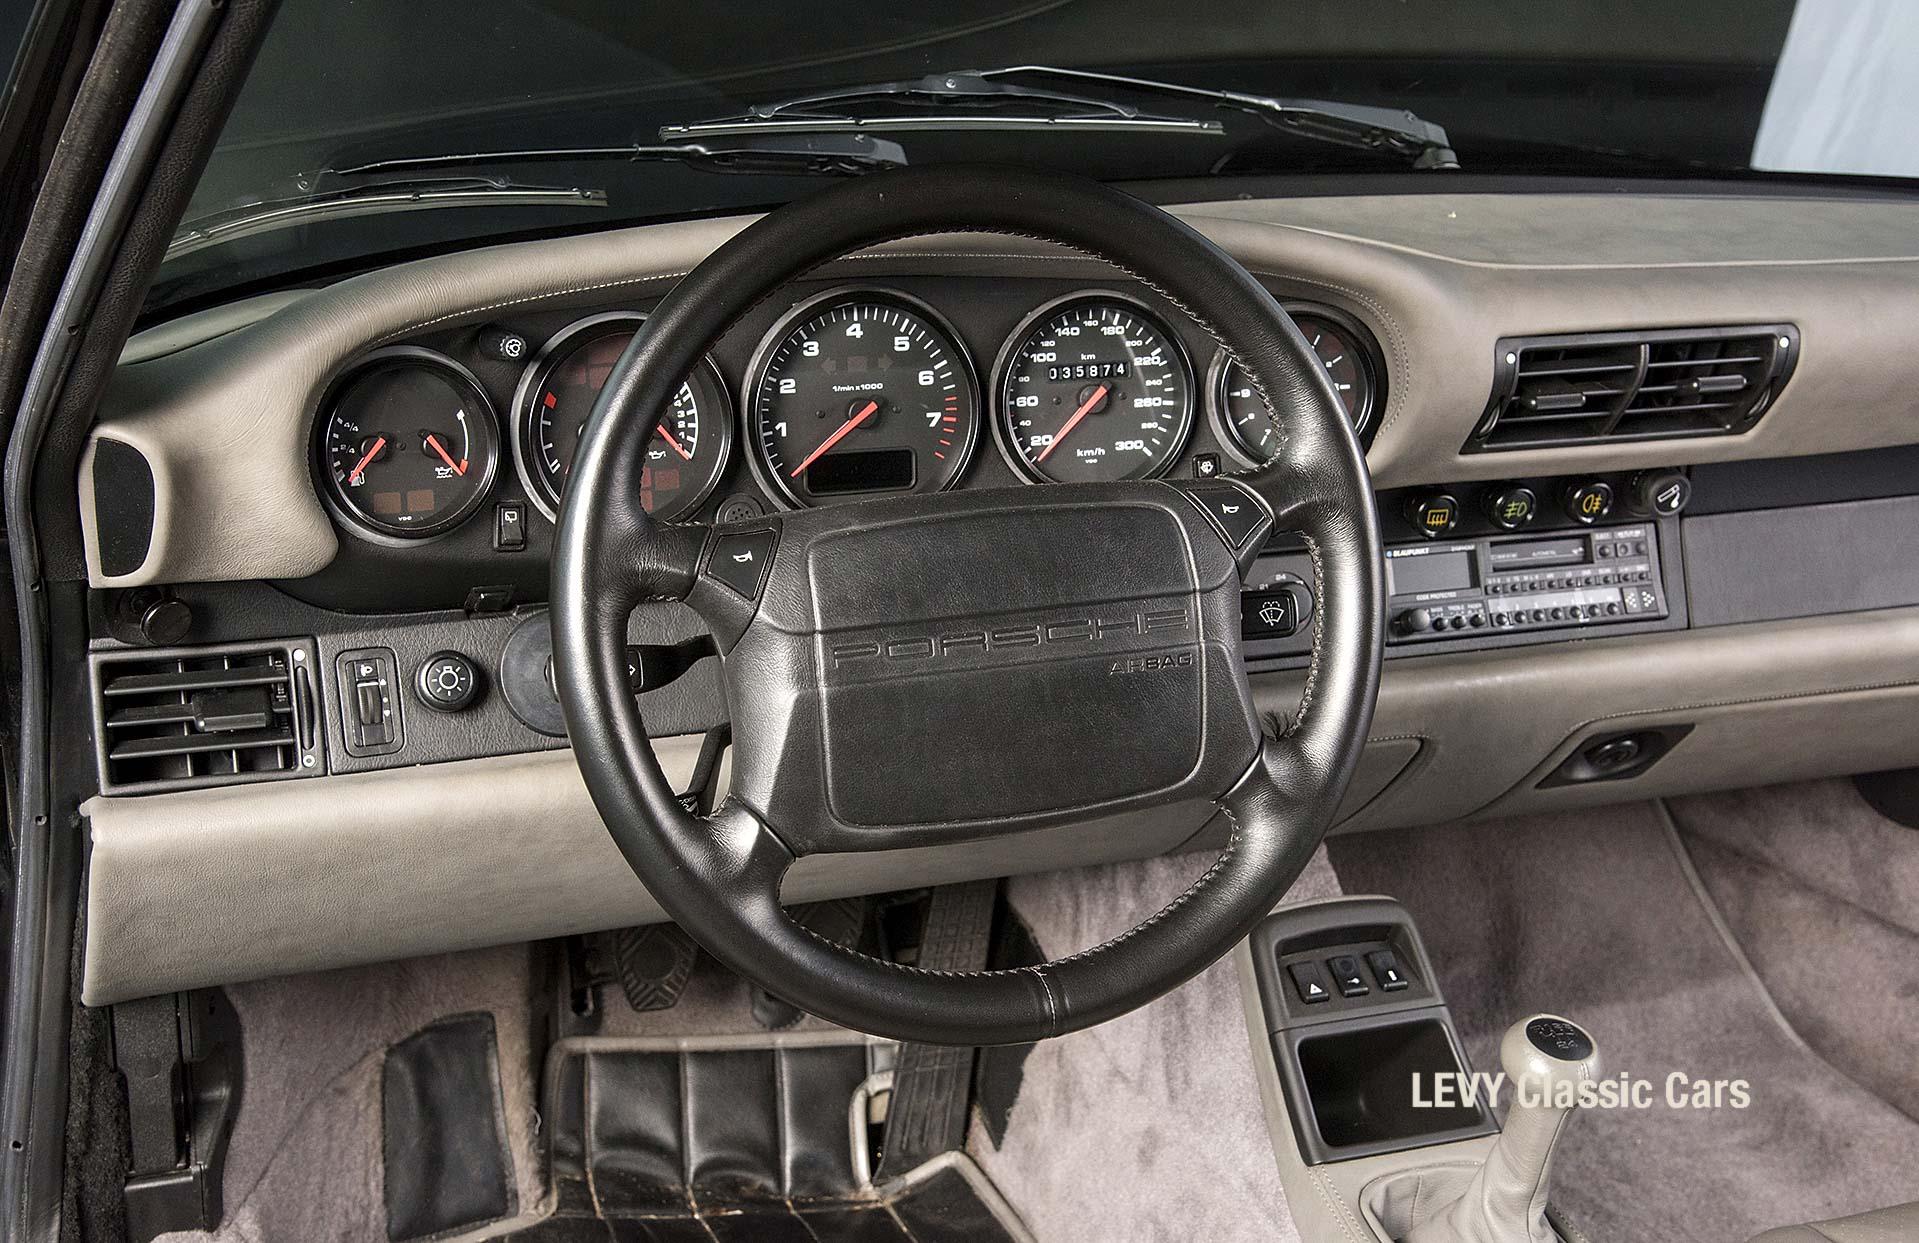 Porsche Turbo 72200 schwarz 24